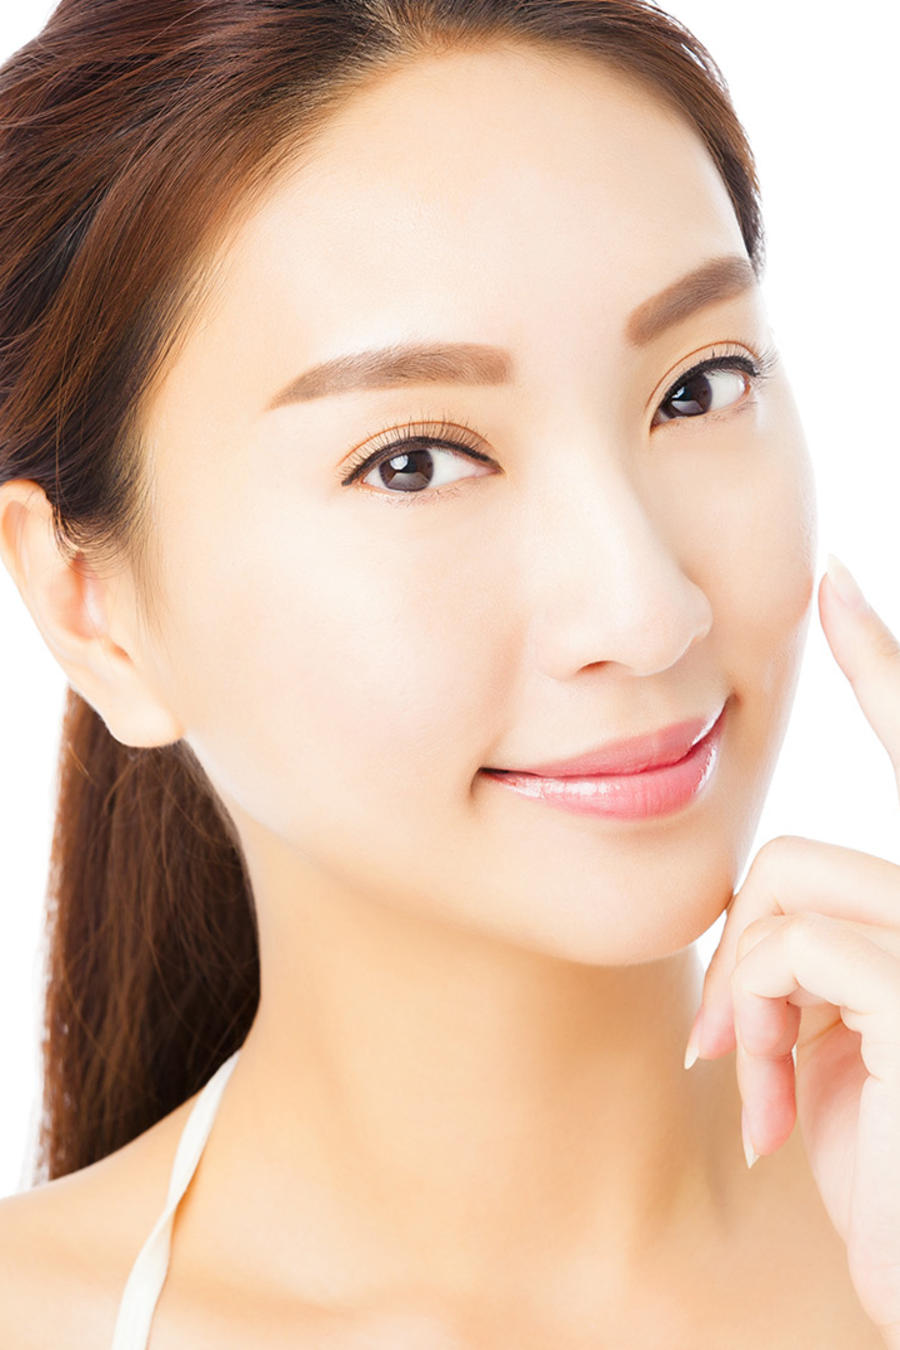 Mujer asiática tocándose el rostro